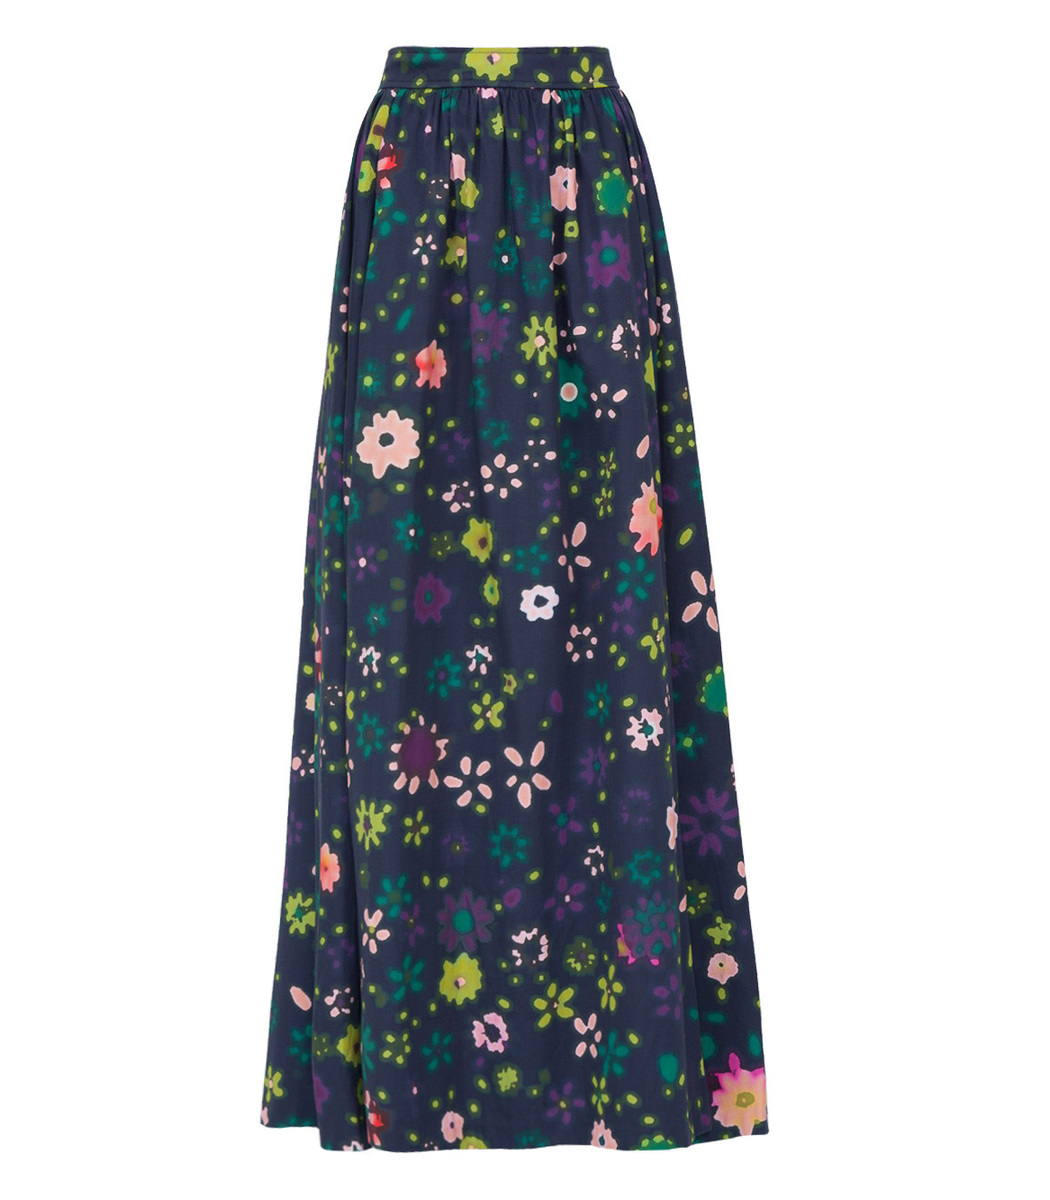 Lhd Delano Long Skirt